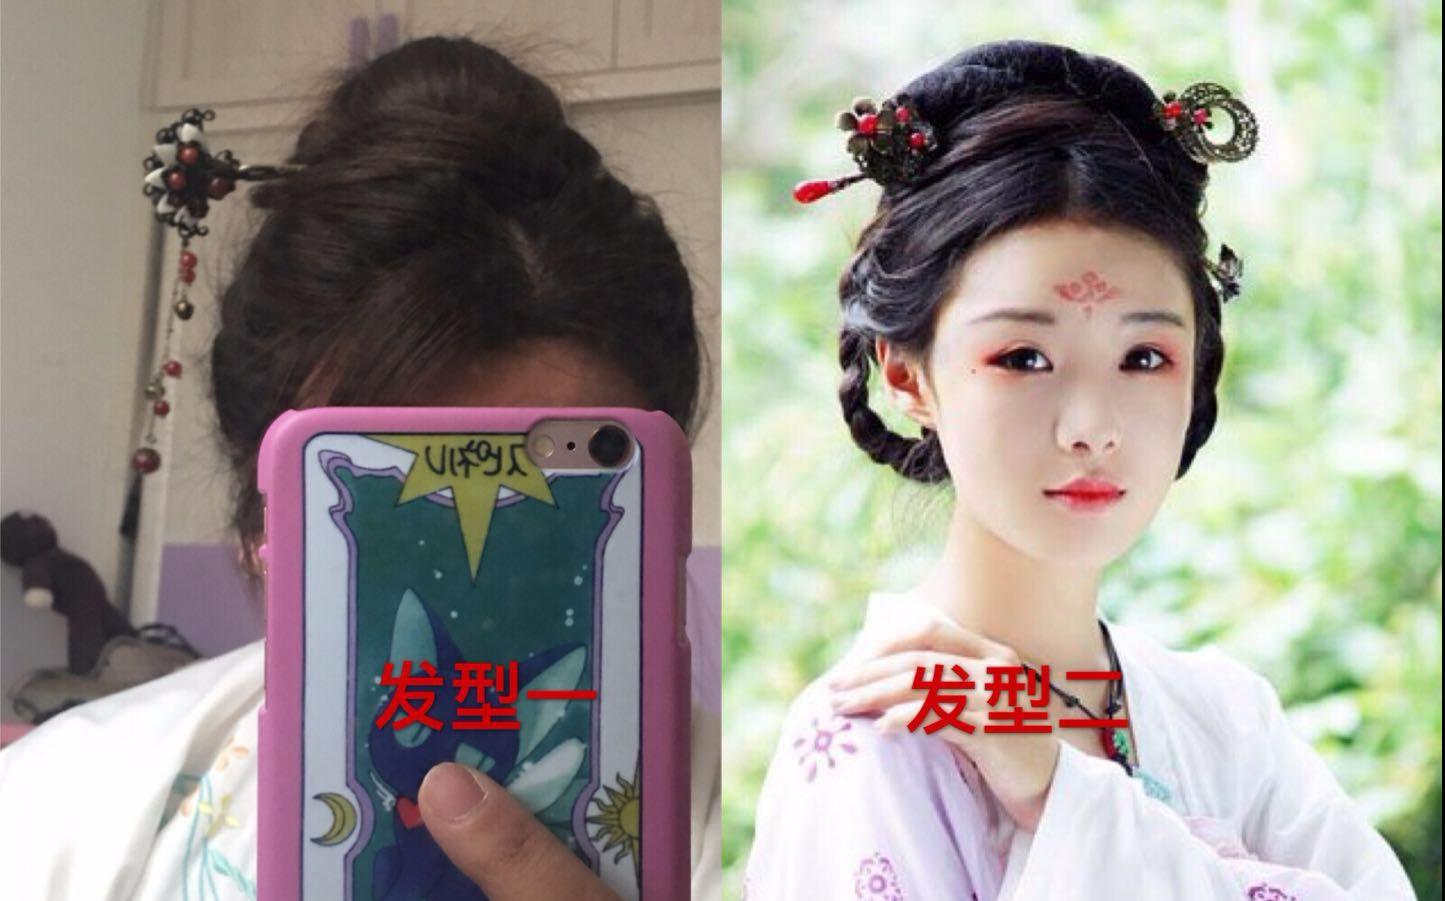 【胖仙女汉服发型教程】2款教程,不用发包,一款短发,一款长发